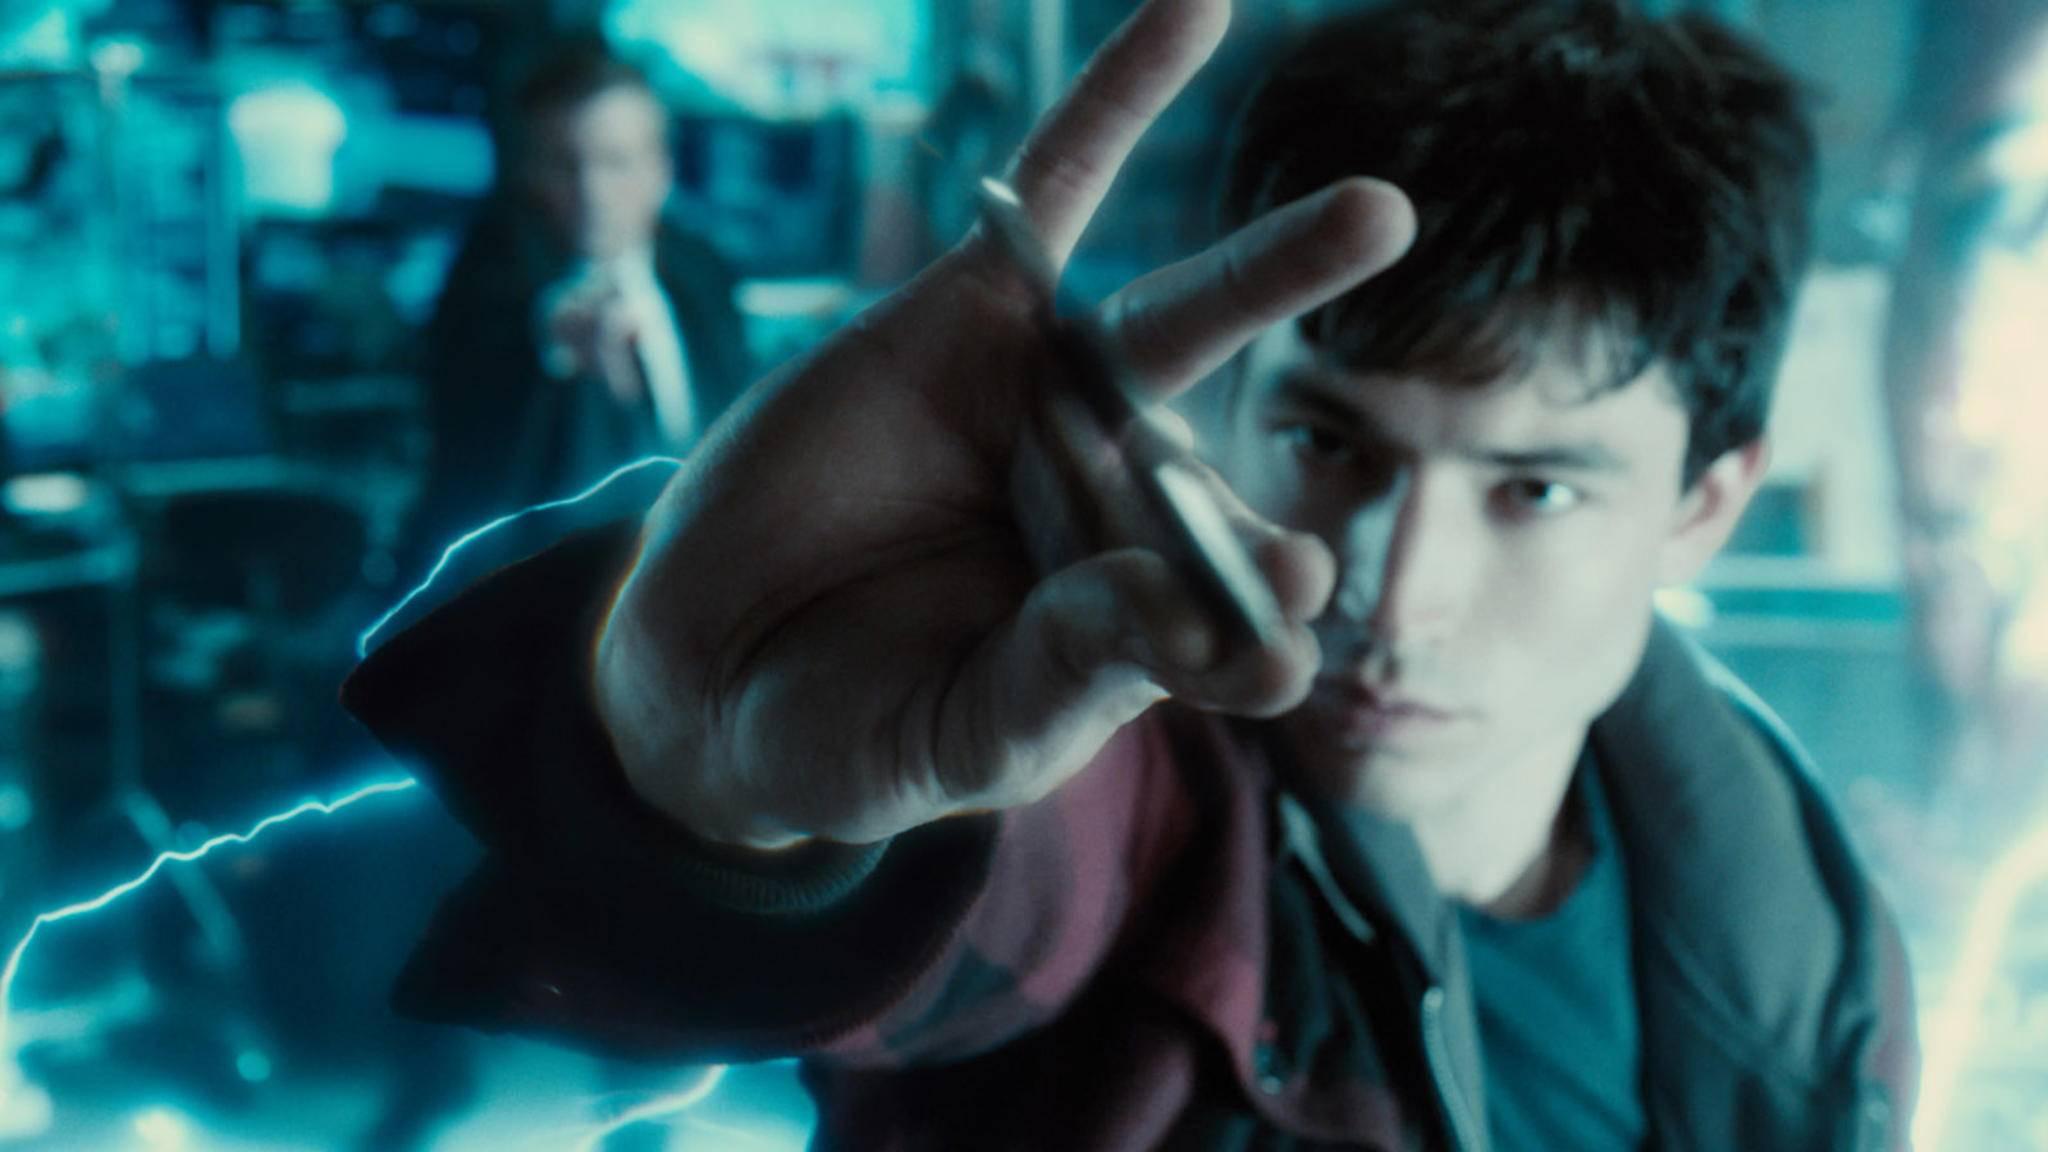 """Nach seinem Debüt in """"Justice League"""" kehrt Barry Allen aka The Flash 2021 mit einem Solofilm zurück auf die Leinwand."""